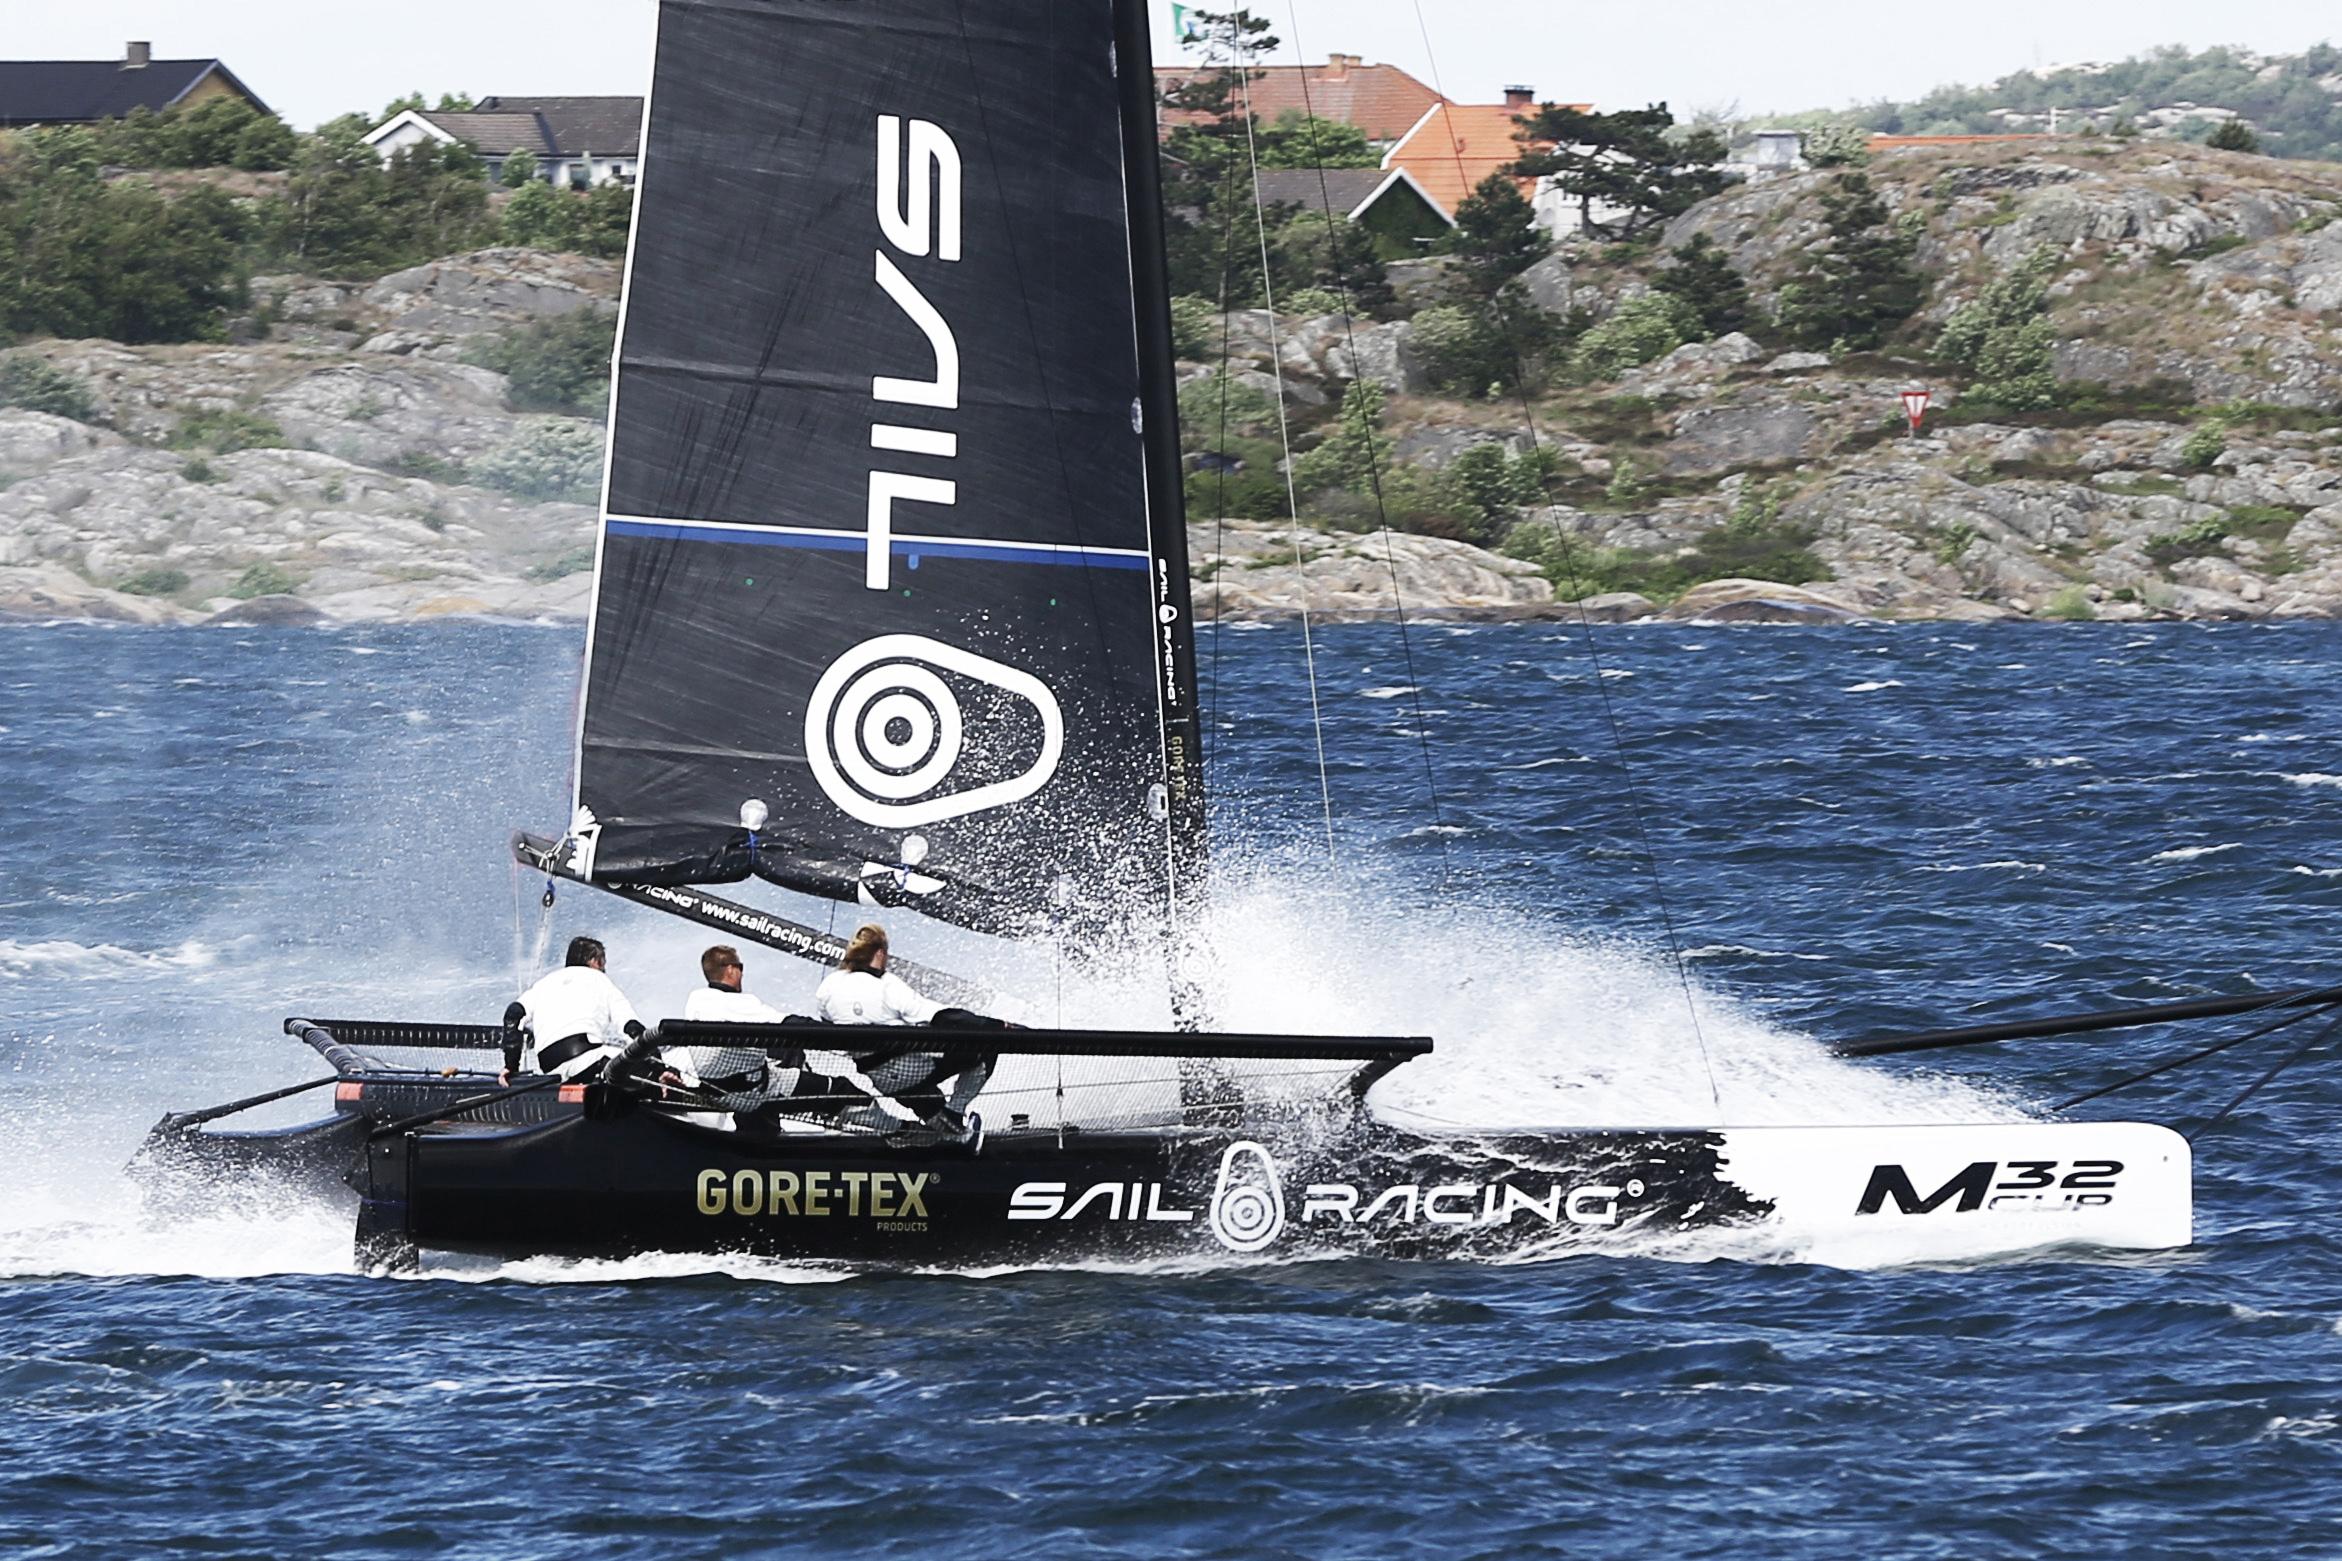 Sail Racing_M32_cup